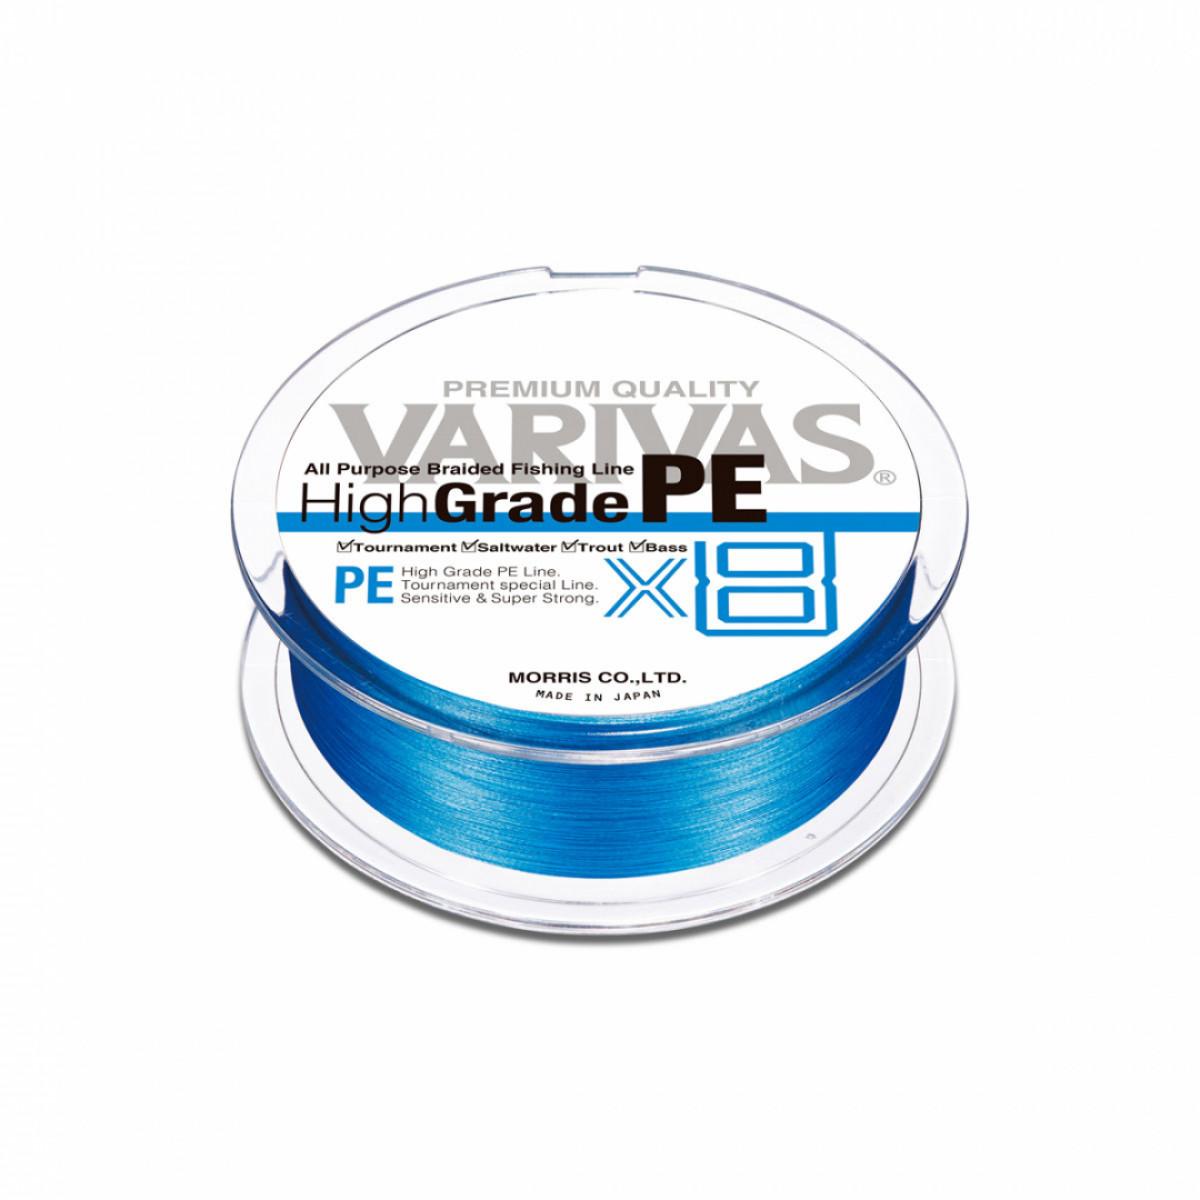 VARIVAS HIGH GRADE PE X8 150M OCEAN BLUE